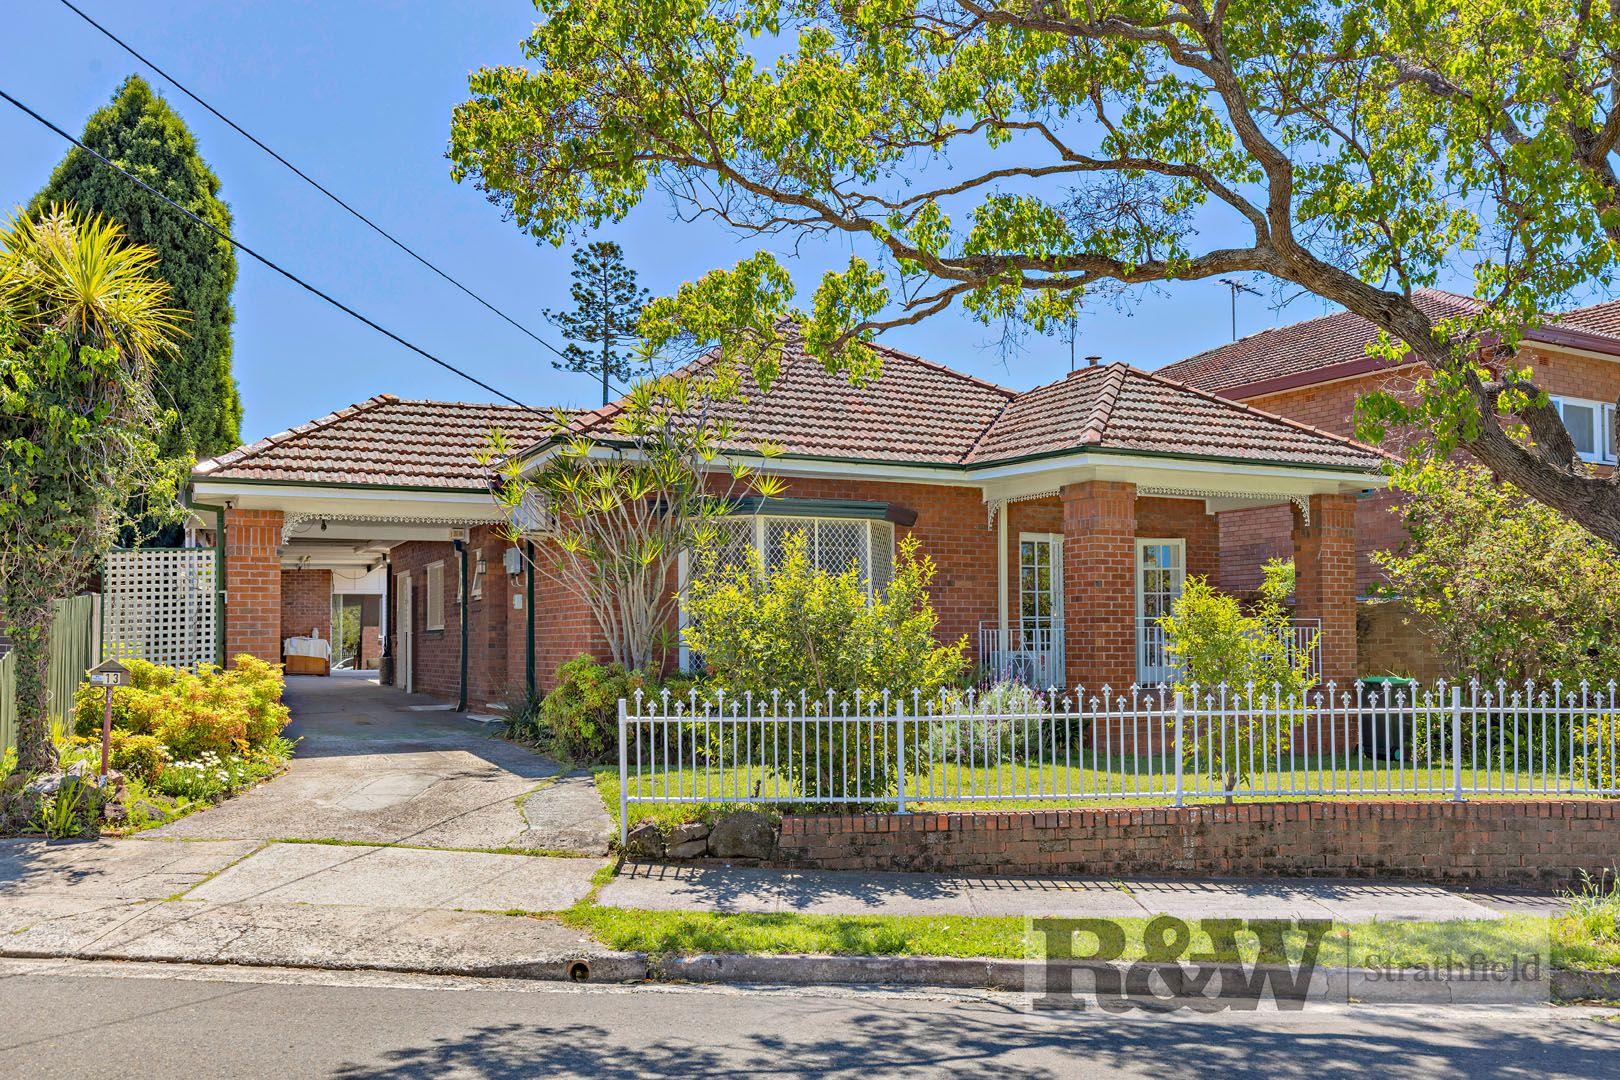 13 ELWIN STREET, Strathfield NSW 2135, Image 0